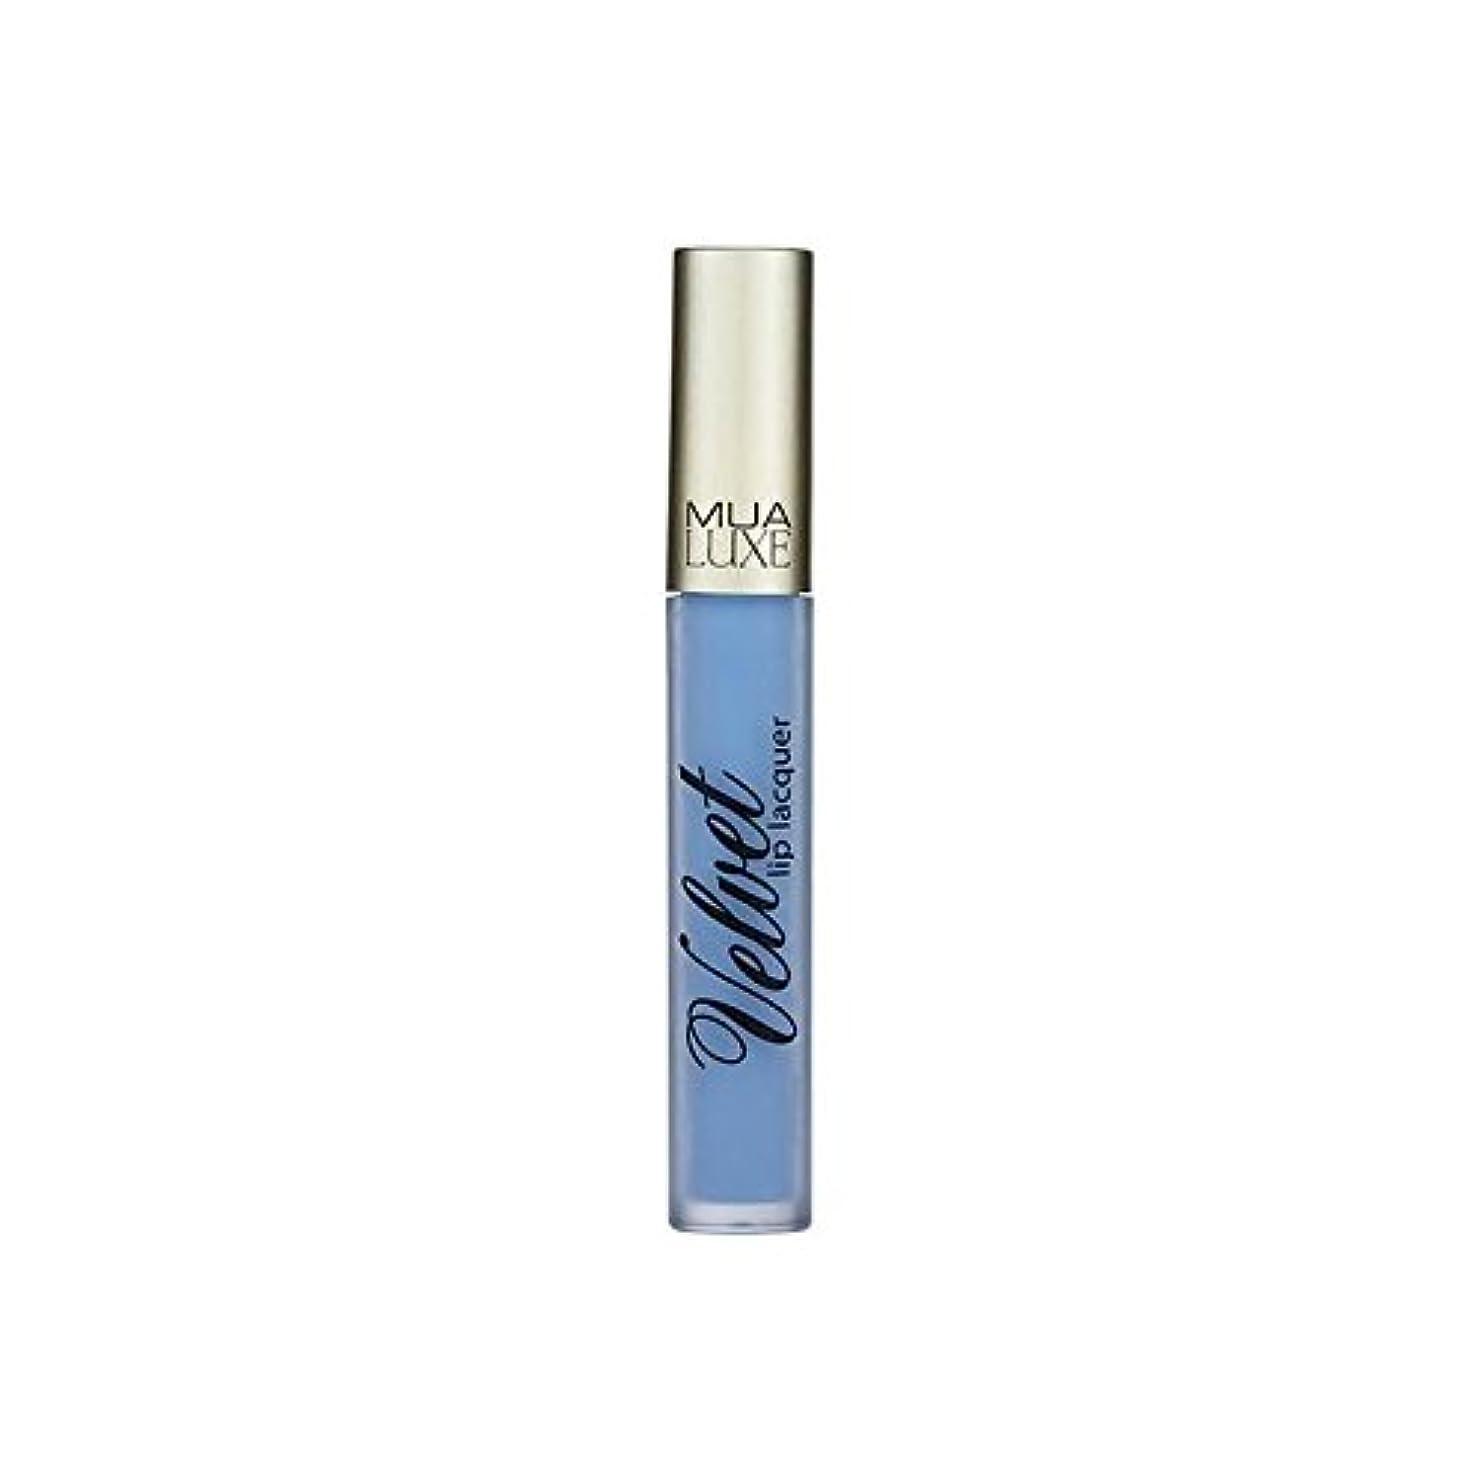 無駄にシャープ結果としてMUA Luxe Velvet Lip Lacquer Iced 012 - 012アイスデラックスベルベットのリップラッカー [並行輸入品]